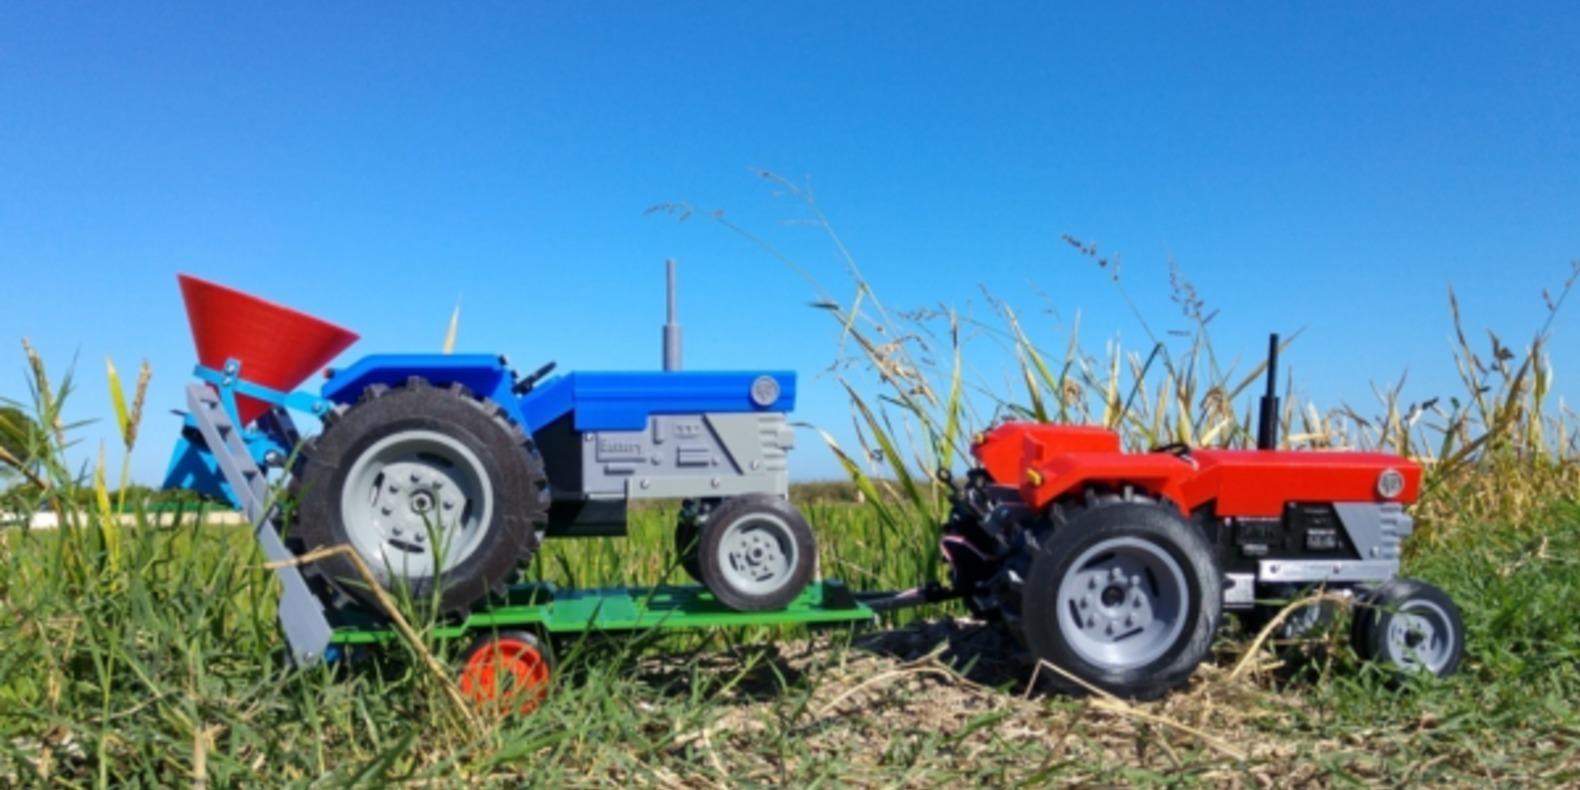 Tracteur-imprimé-en-3D-fichier-3D-cults-openRC-tractor-5.png